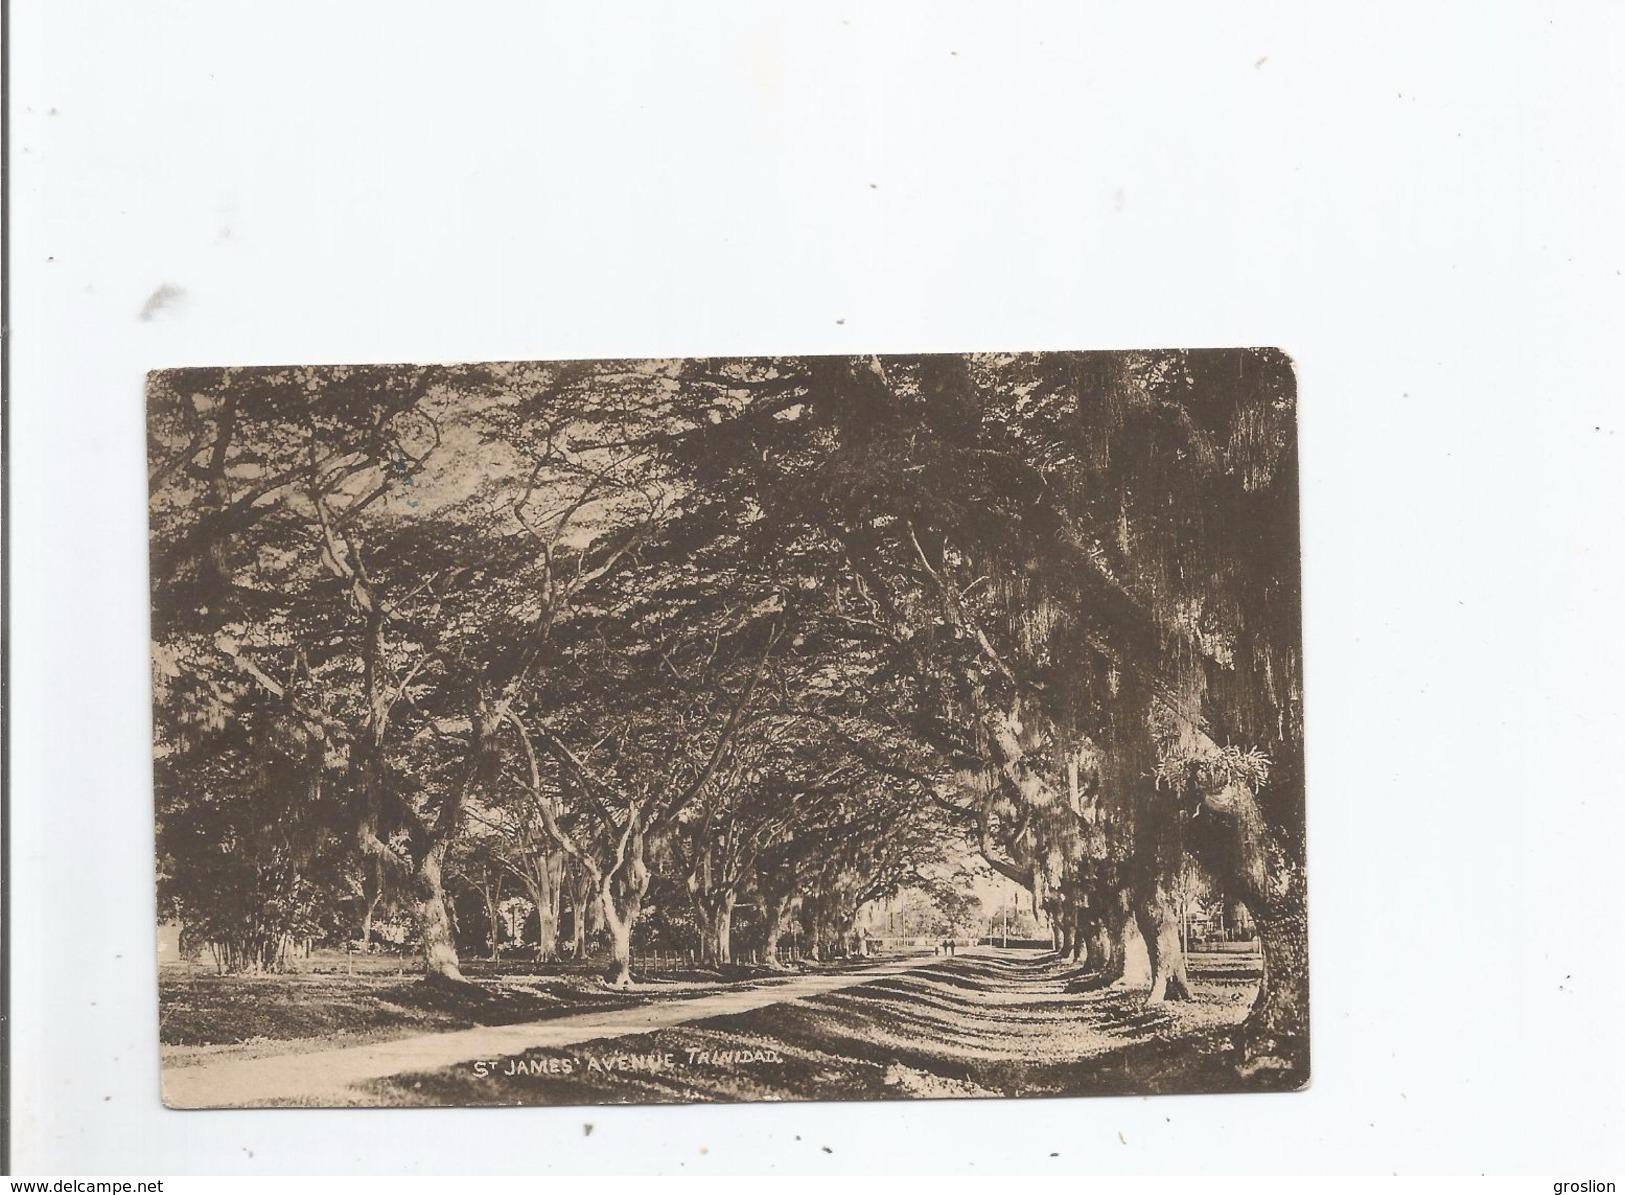 TRINIDAD (TRINITE ET TOBAGO) ST JAMES AVENUE - Trinidad